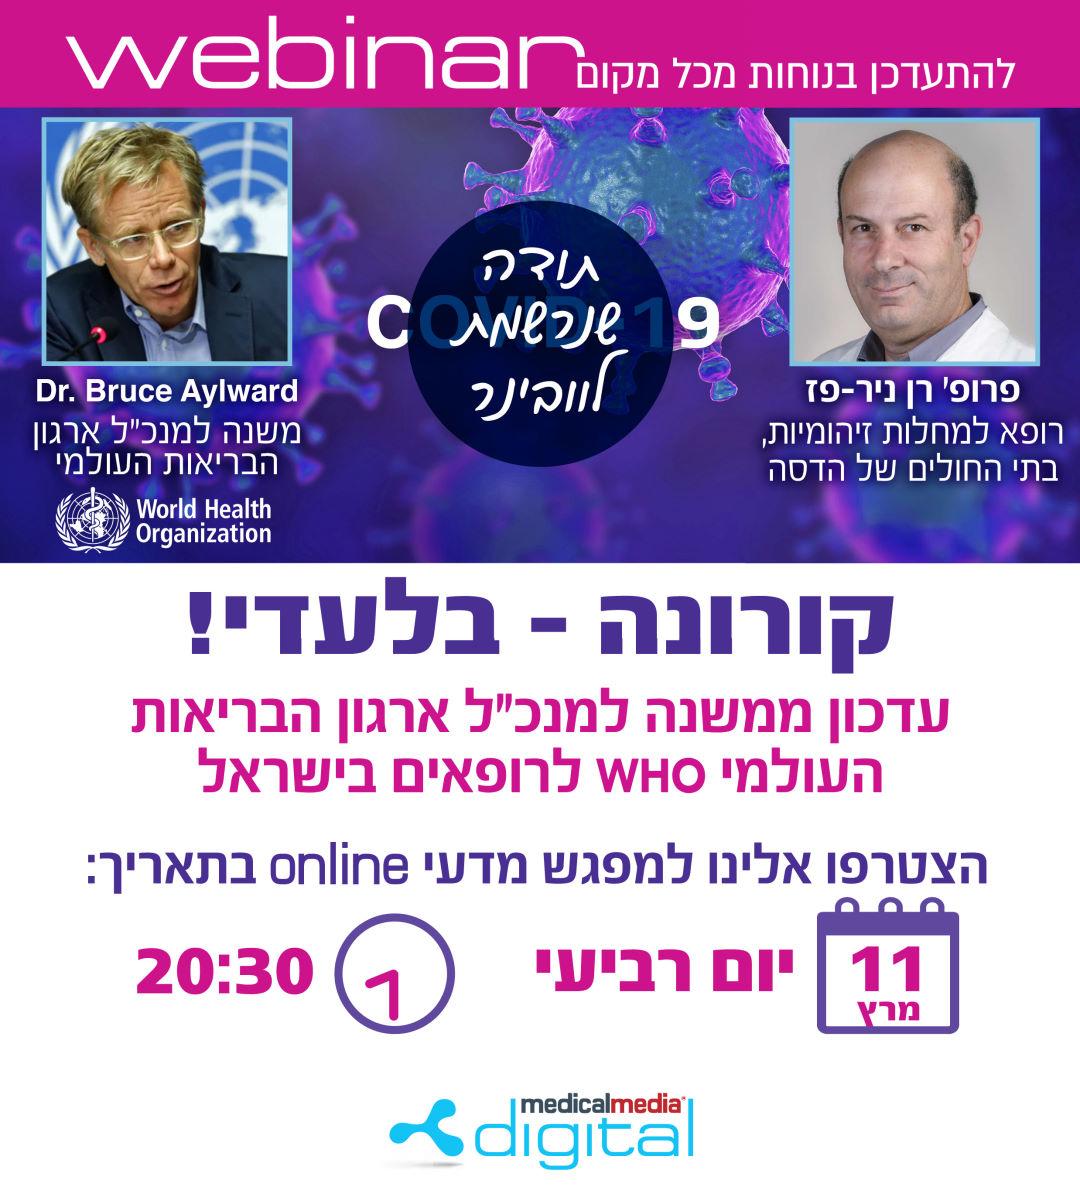 קורונה - בלעדי! עדכון ממשנה למנכ״ל ארגון הבריאות העולמי WHO לרופאים בישראל